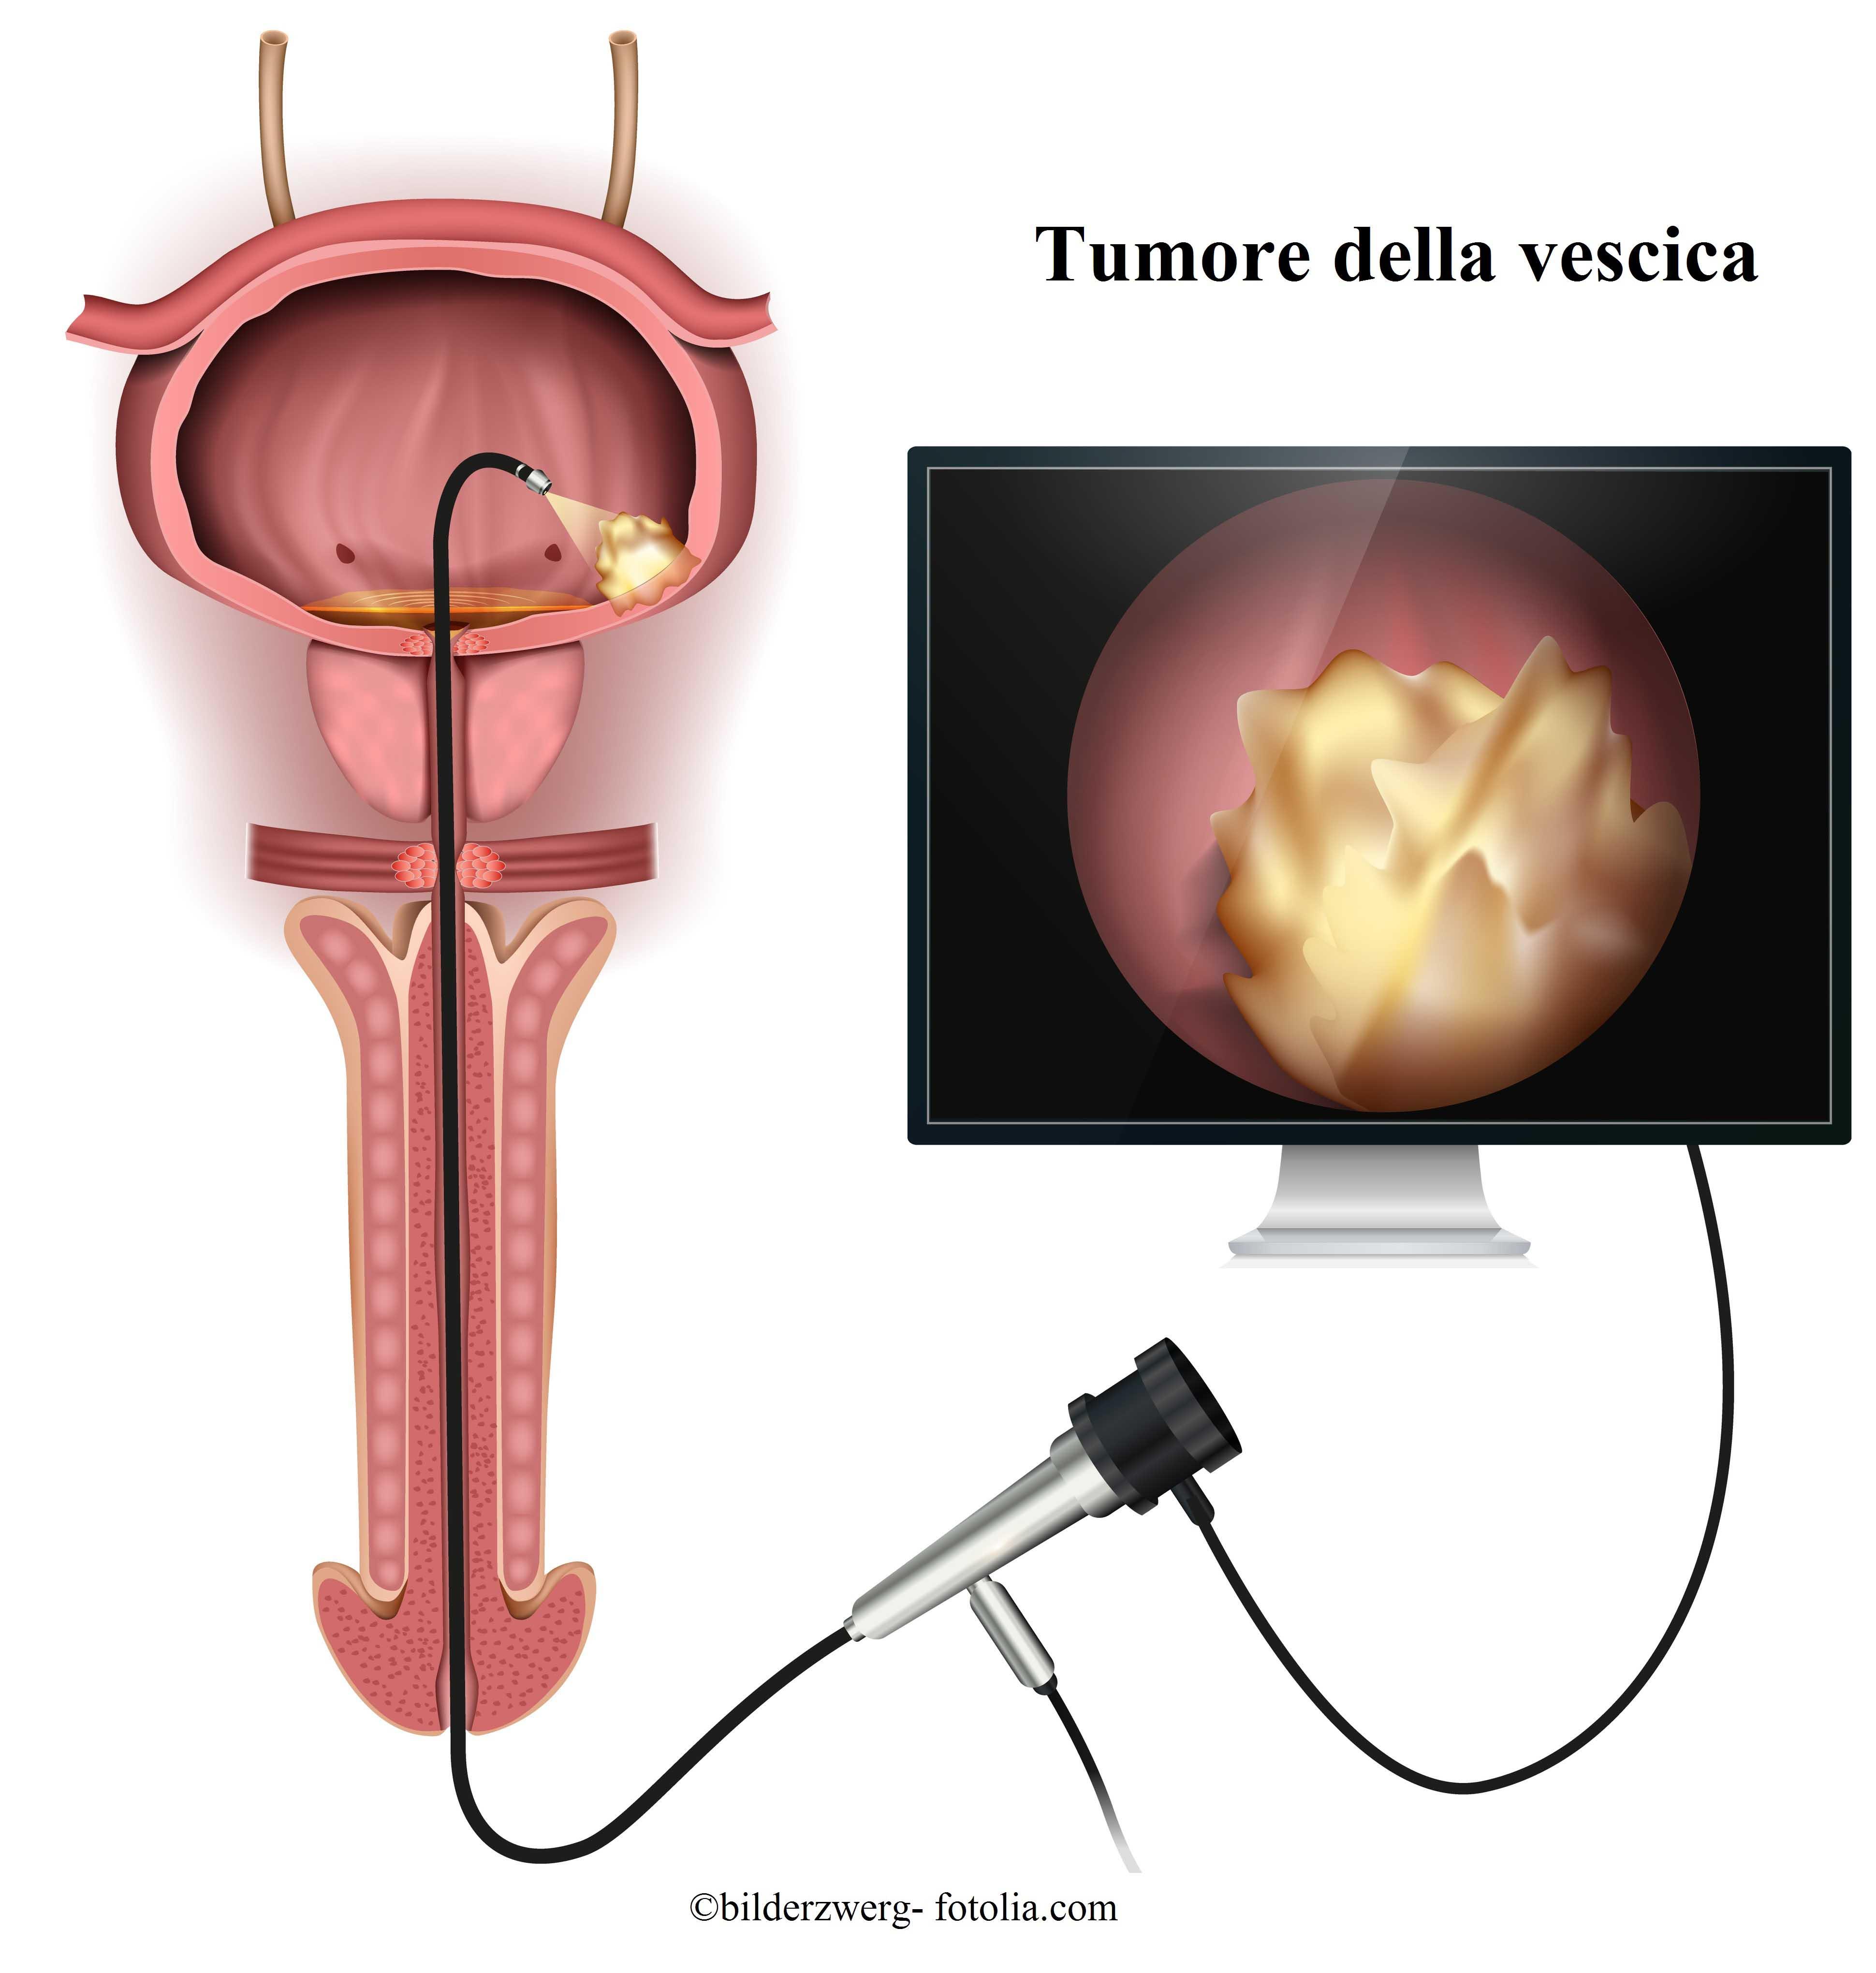 tumore-vescica-endoscopia